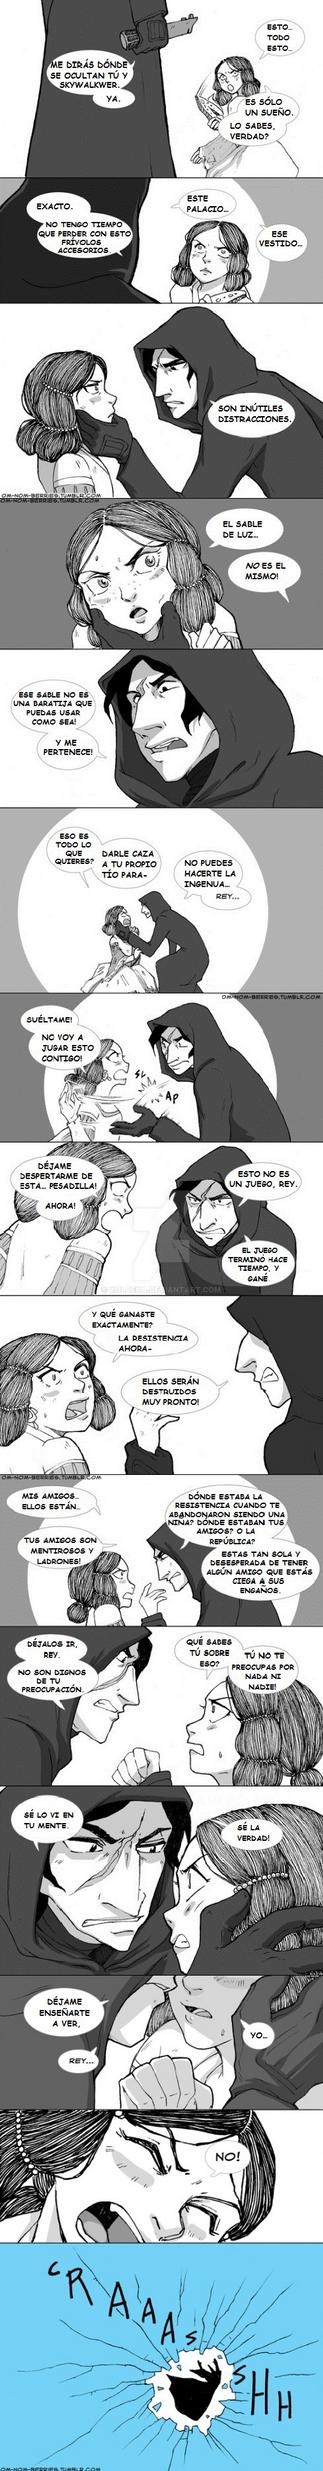 REYLO Comic 12 by Koldeka